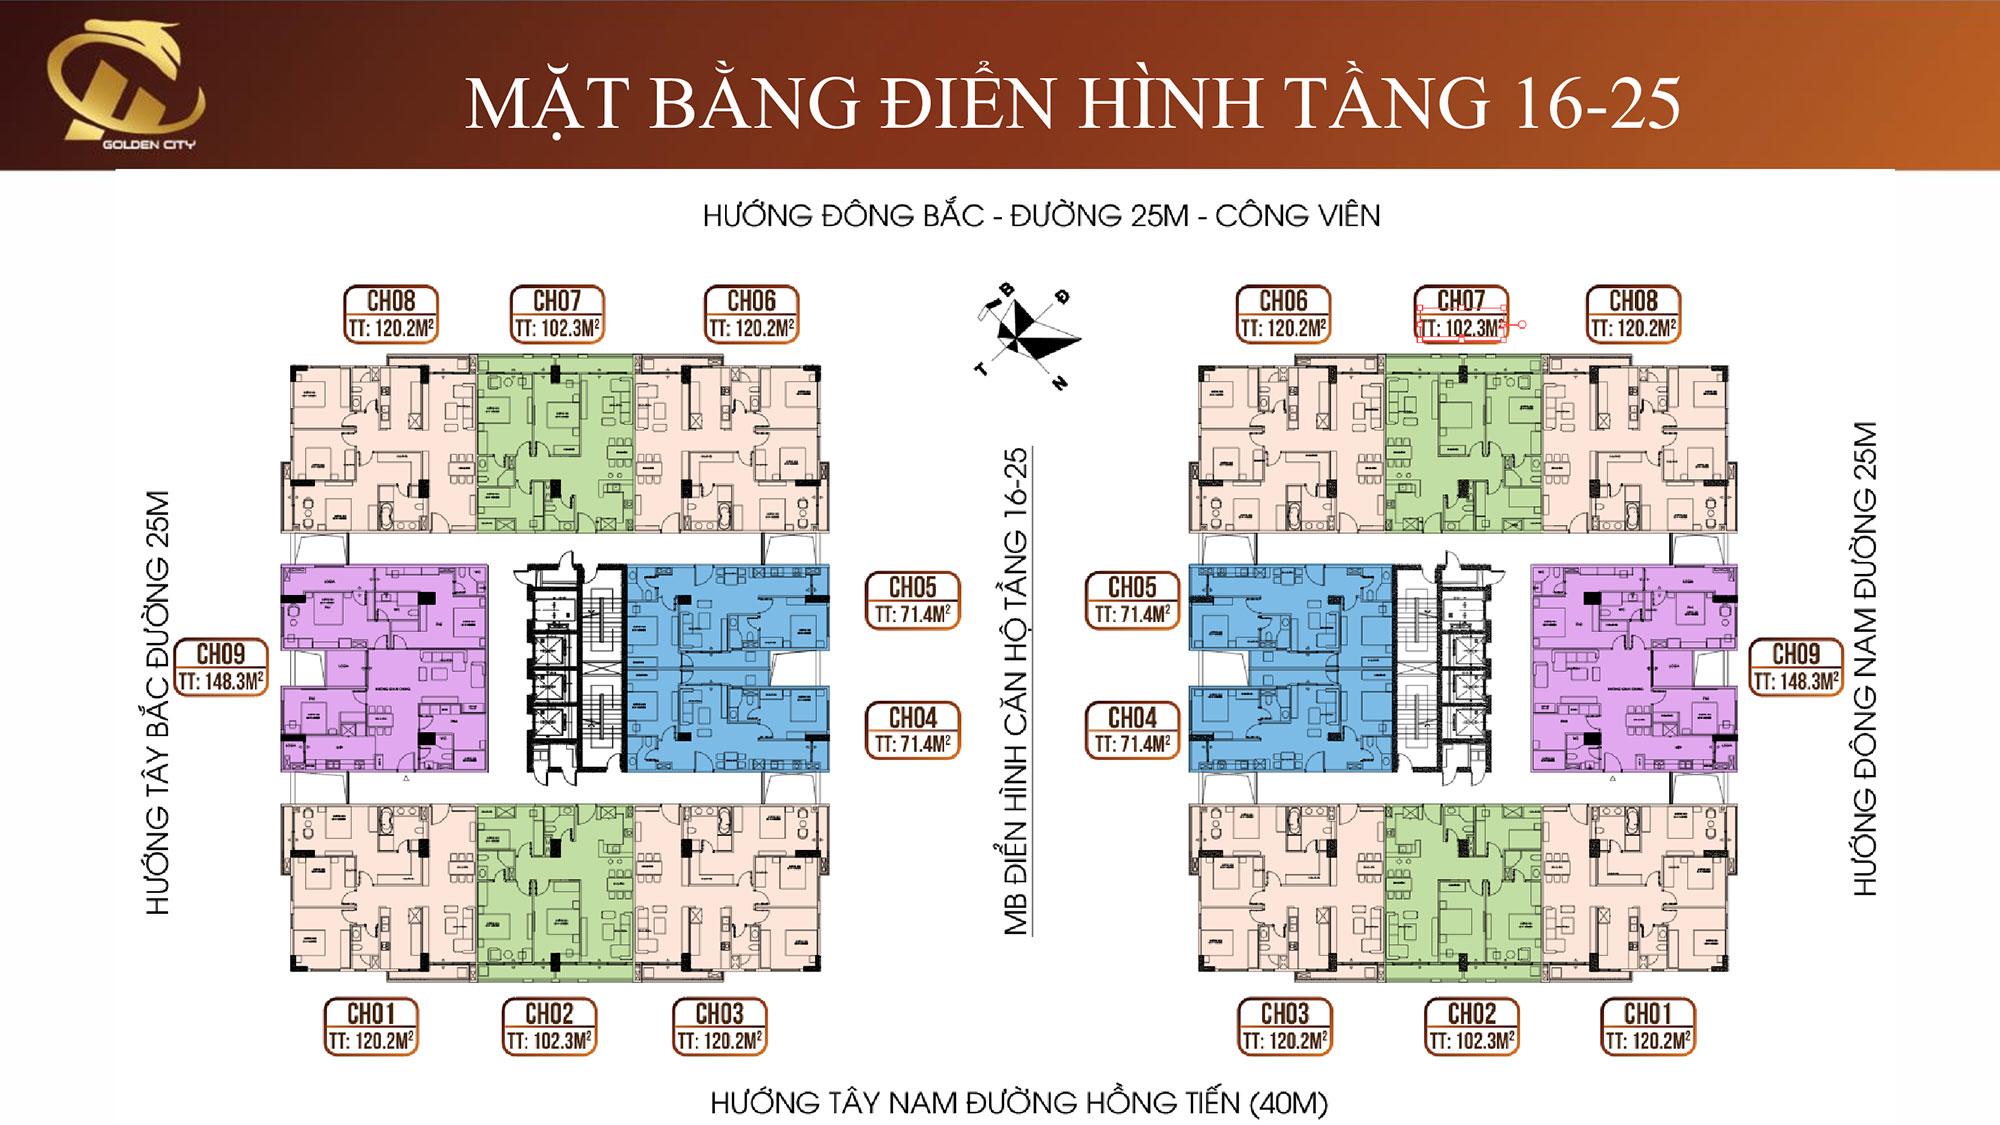 mat-bang-tang-16-25-hc-golden-city